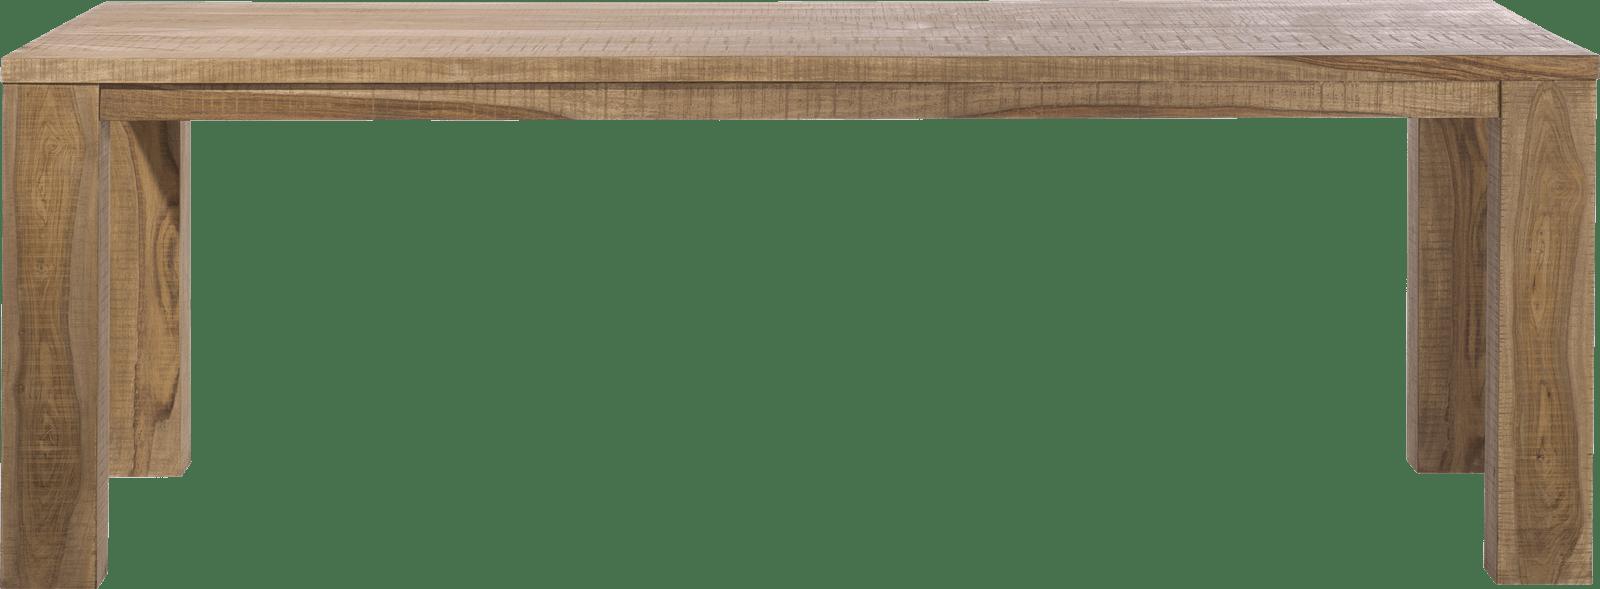 Piura - eetkamertafel - 230 x 100 cm + houten poten